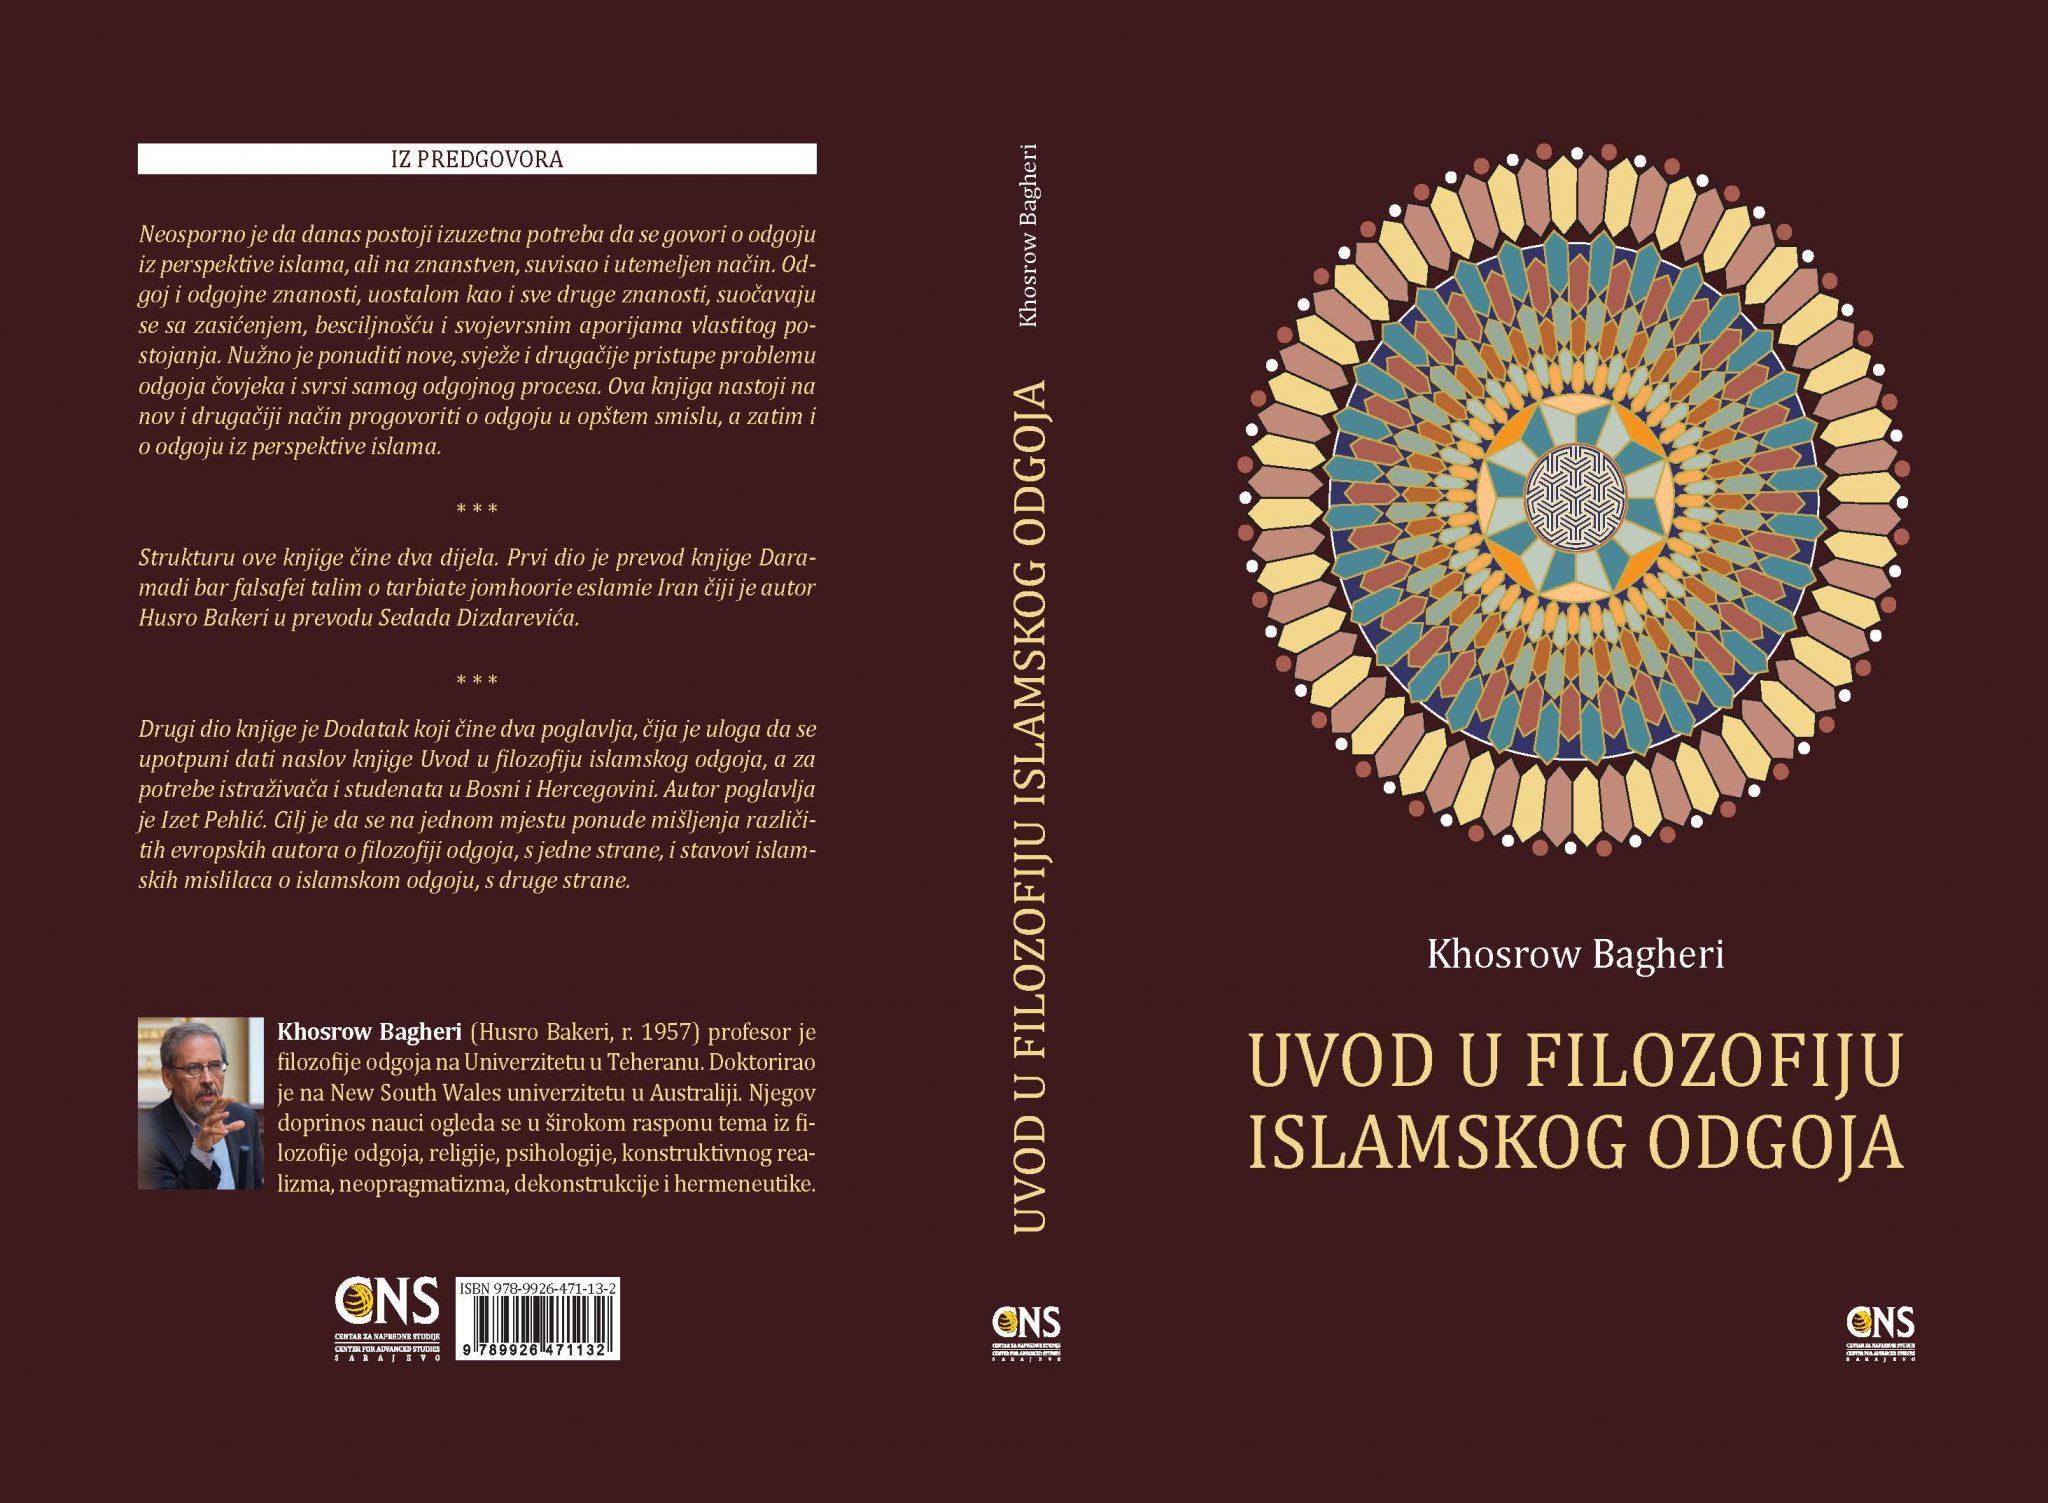 Uvod u filozofiju islamskog odgoja